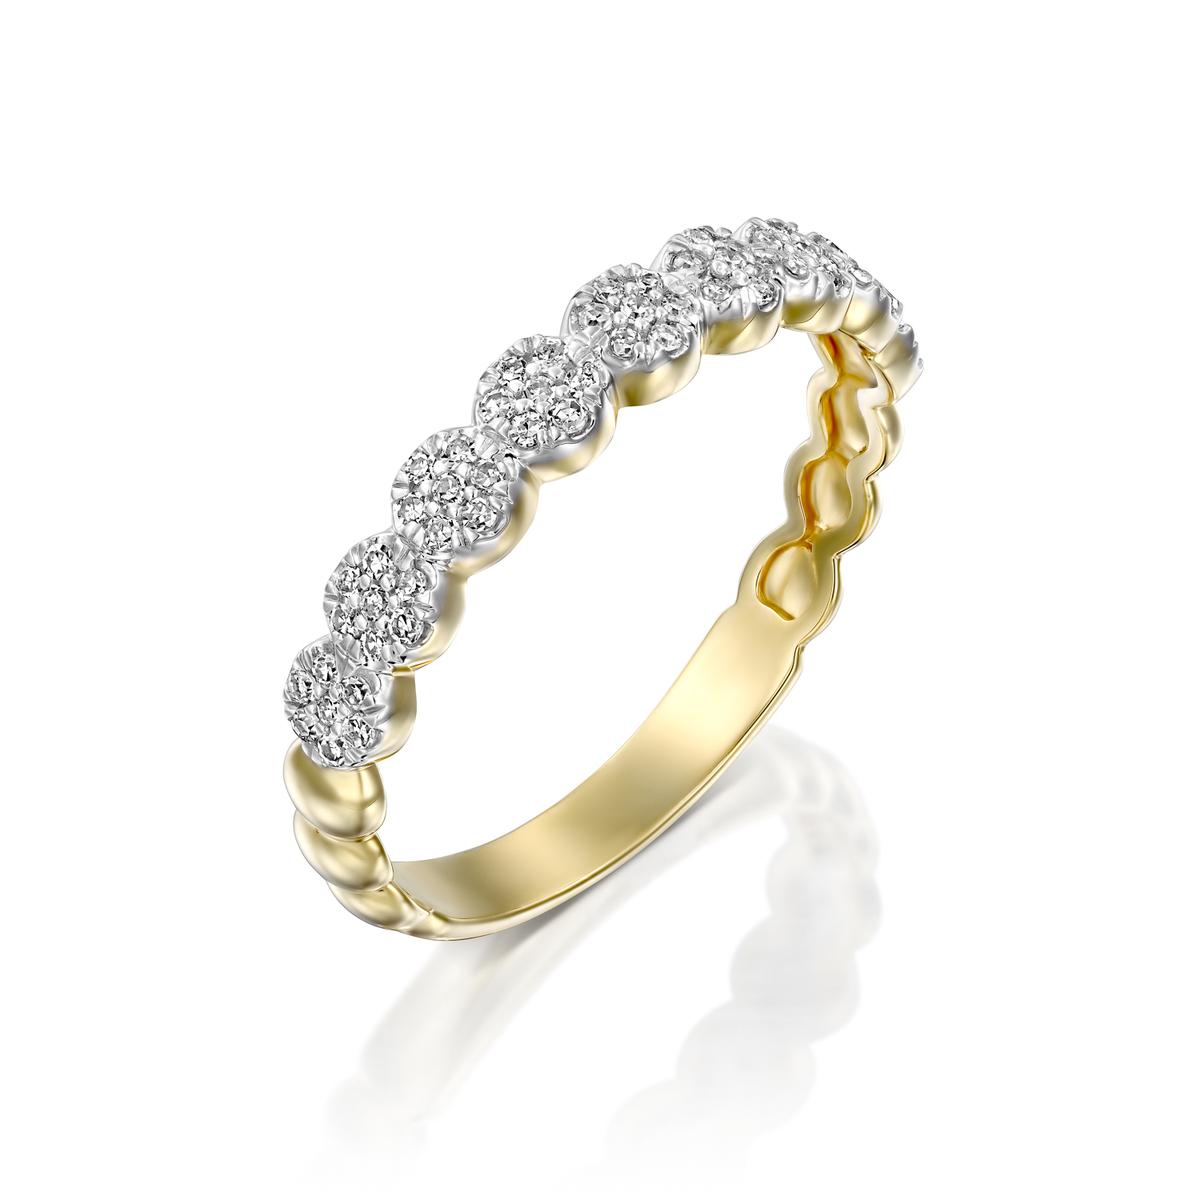 טבעת מחול היהלומים משובצת יהלומים בזהב לבן או צהוב 14 קראט